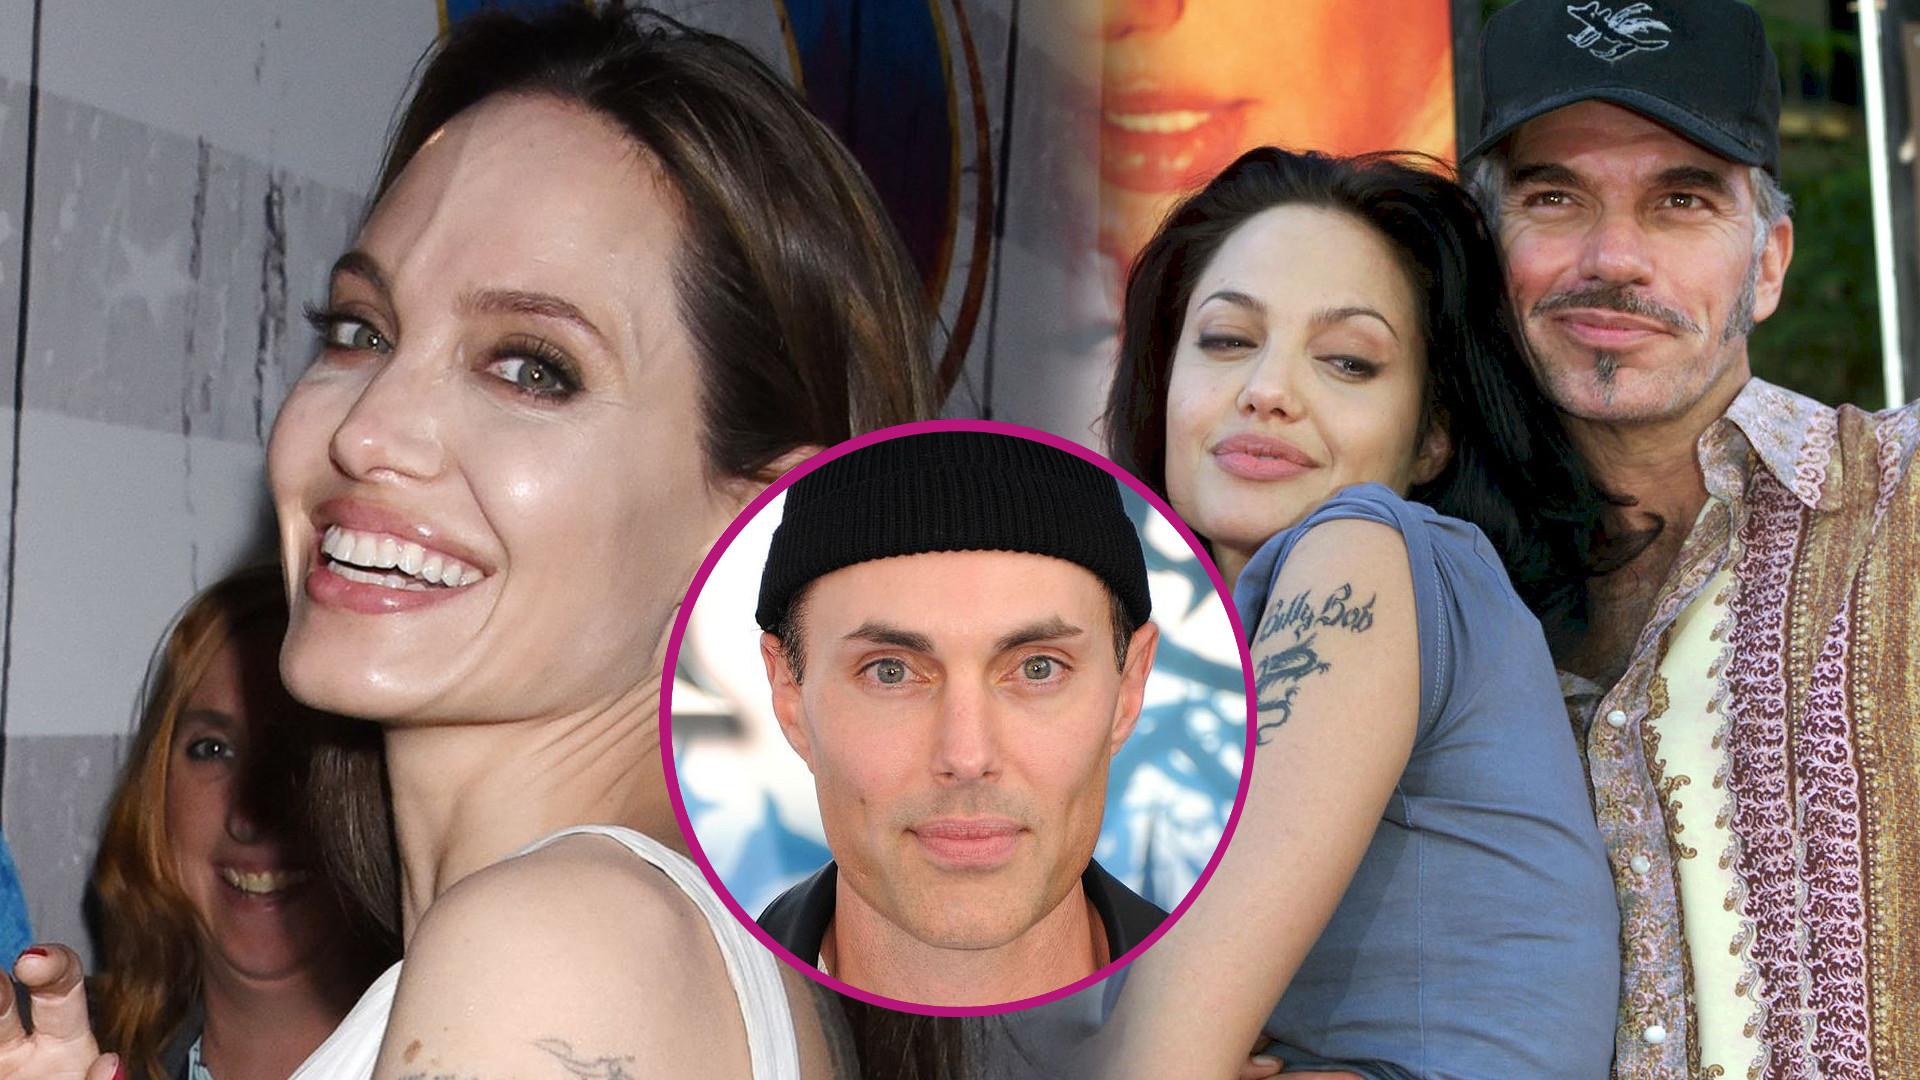 Angelina Jolie kończy 45 lat – krew męża na szyi, CHORA relacja z bratem i zerwane kontakty z ojcem